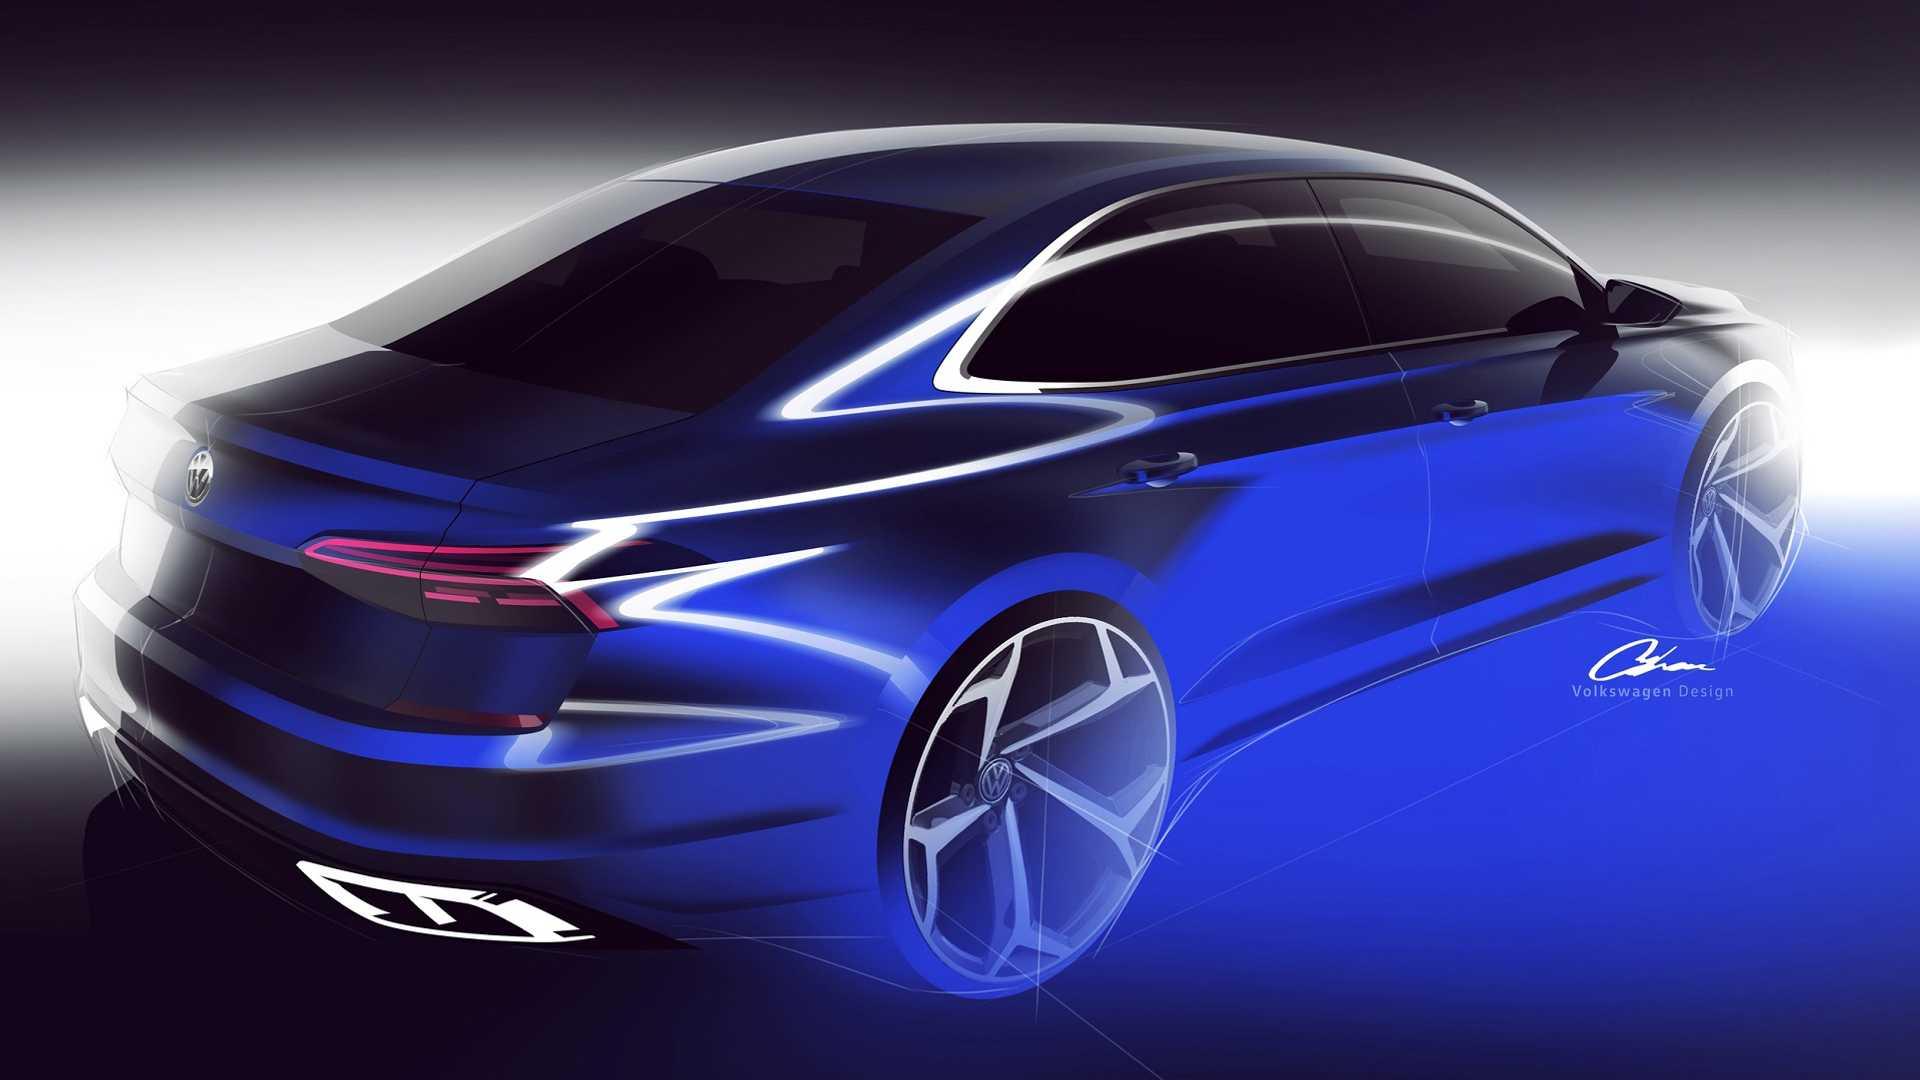 Volkswagen Passat 2020 teaser posterior